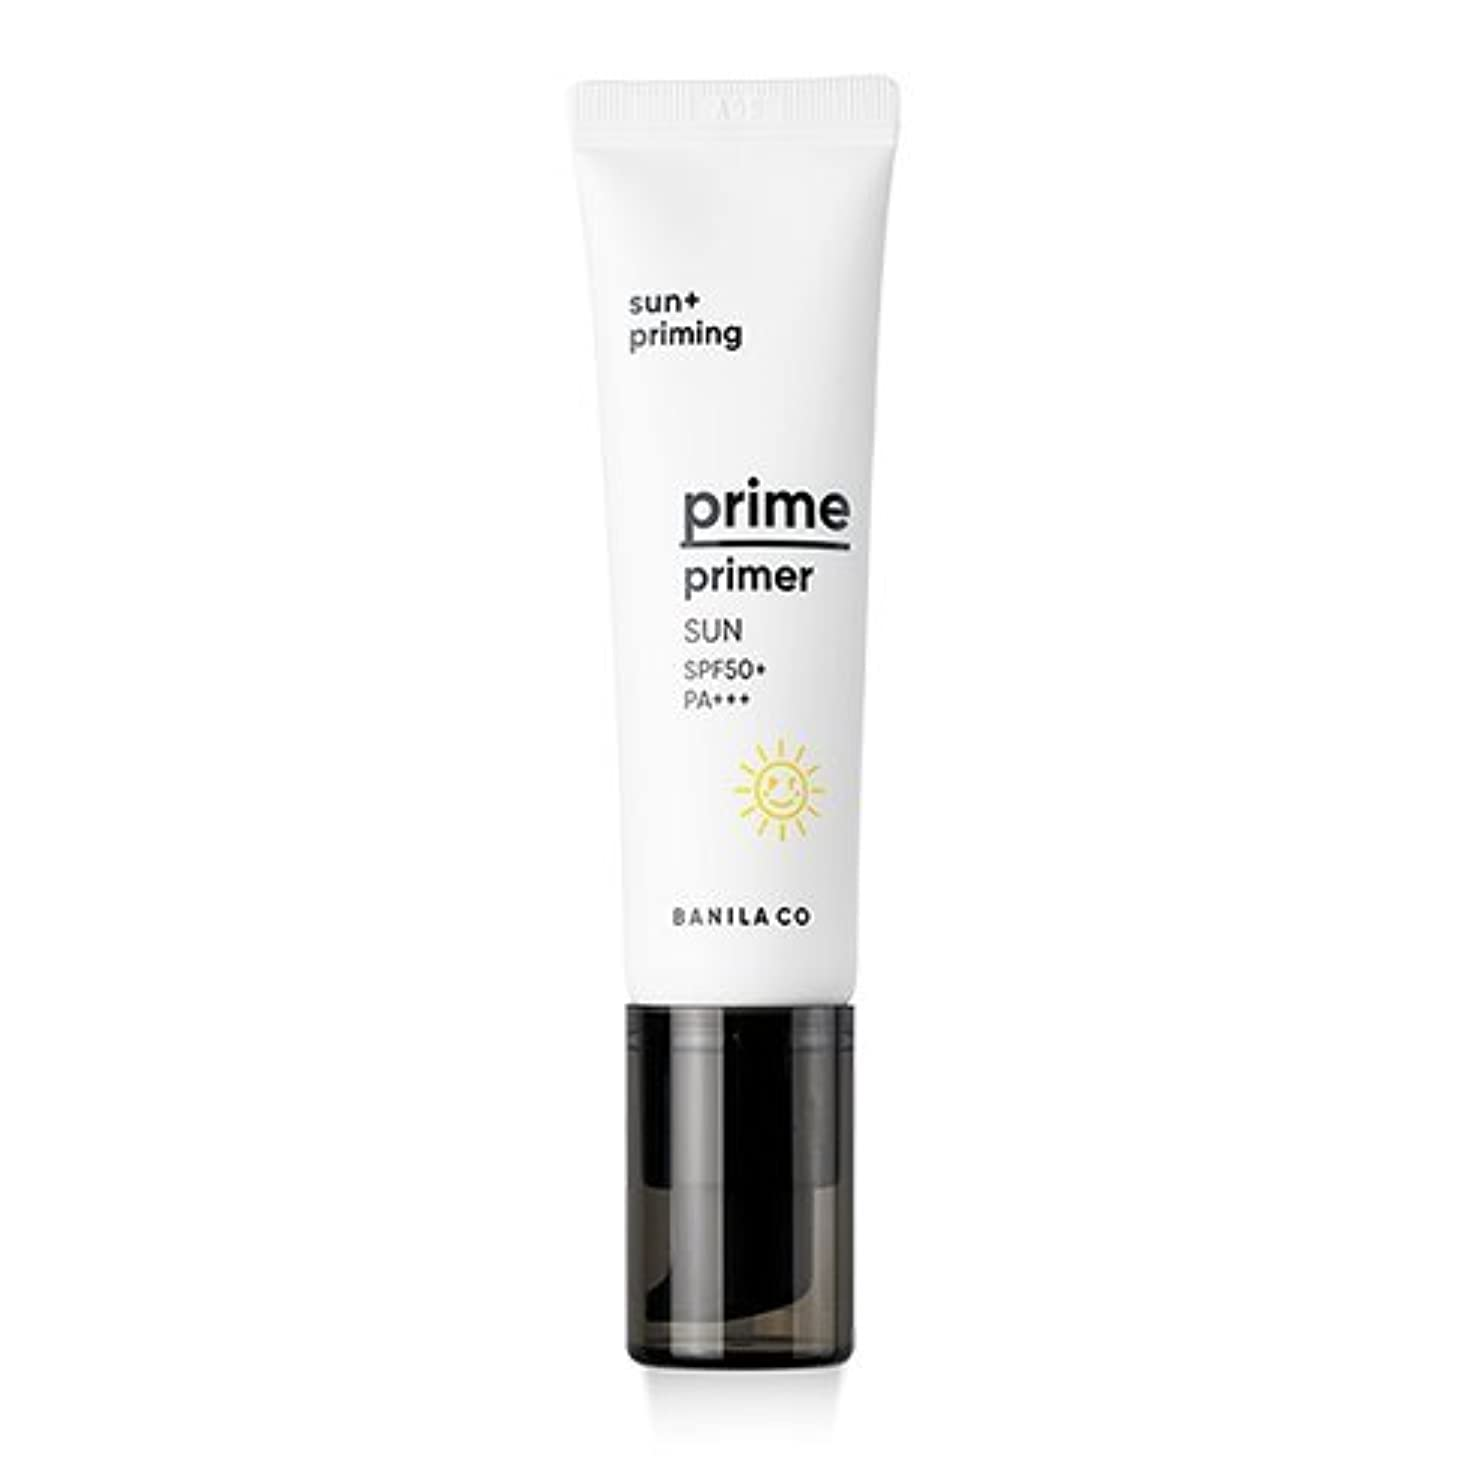 クリーナー有罪タッチ[Renewal] BANILA CO Prime Primer Sun 30ml/バニラコ プライム プライマー サン 30ml [並行輸入品]